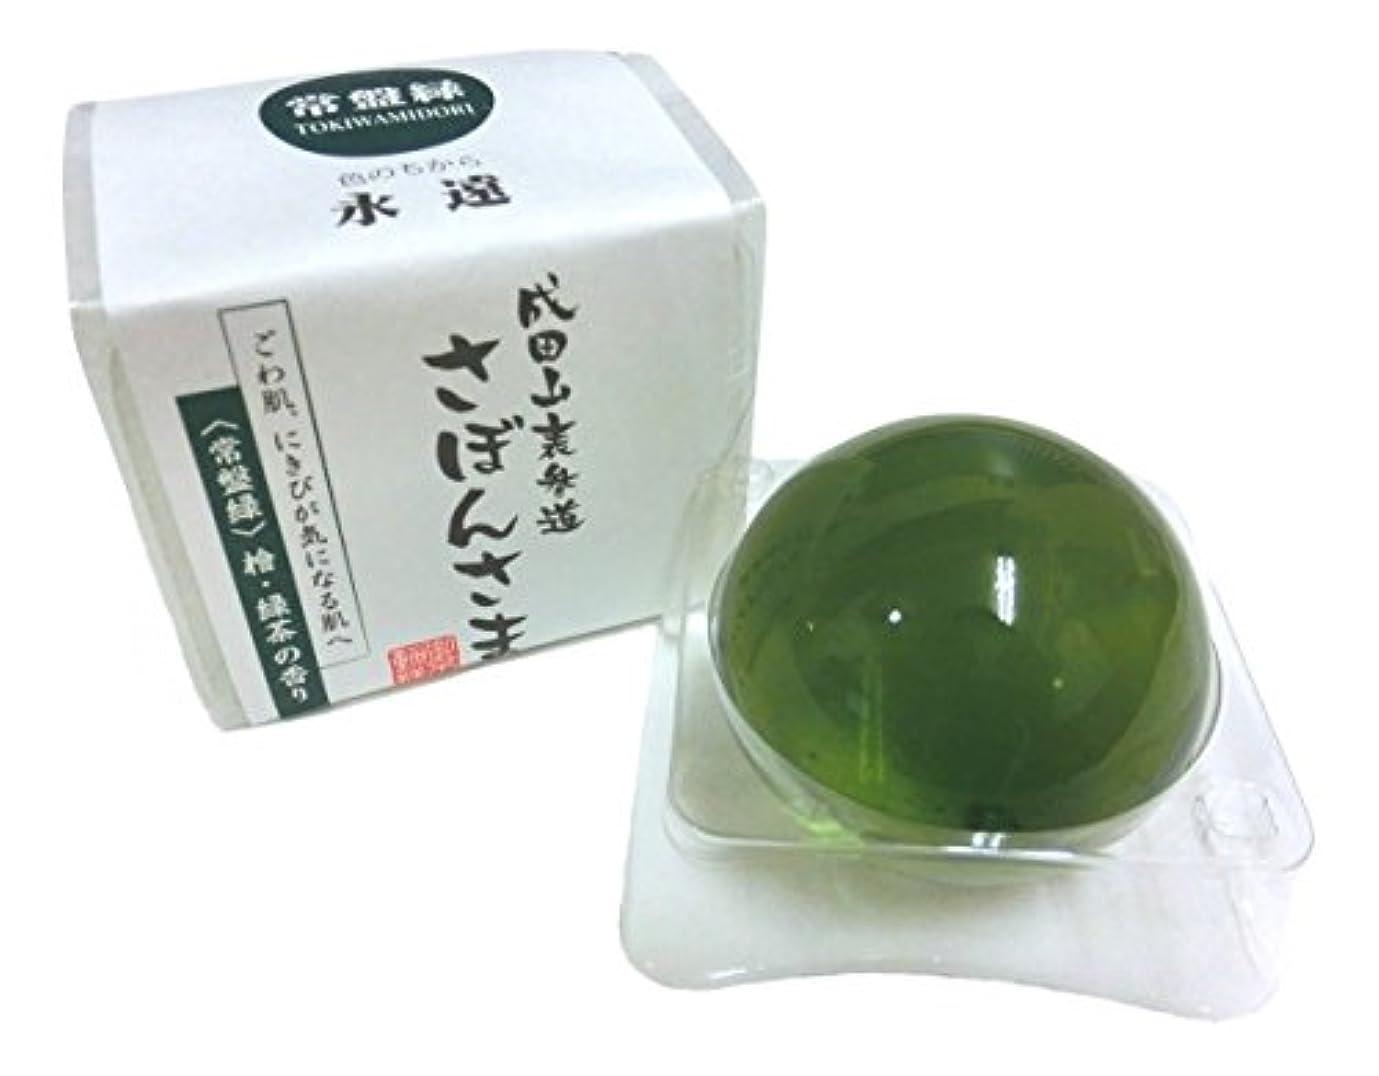 弁護試み納得させる成田山表参道 さぼんさま〈常盤緑〉檜?緑茶の香り 100g